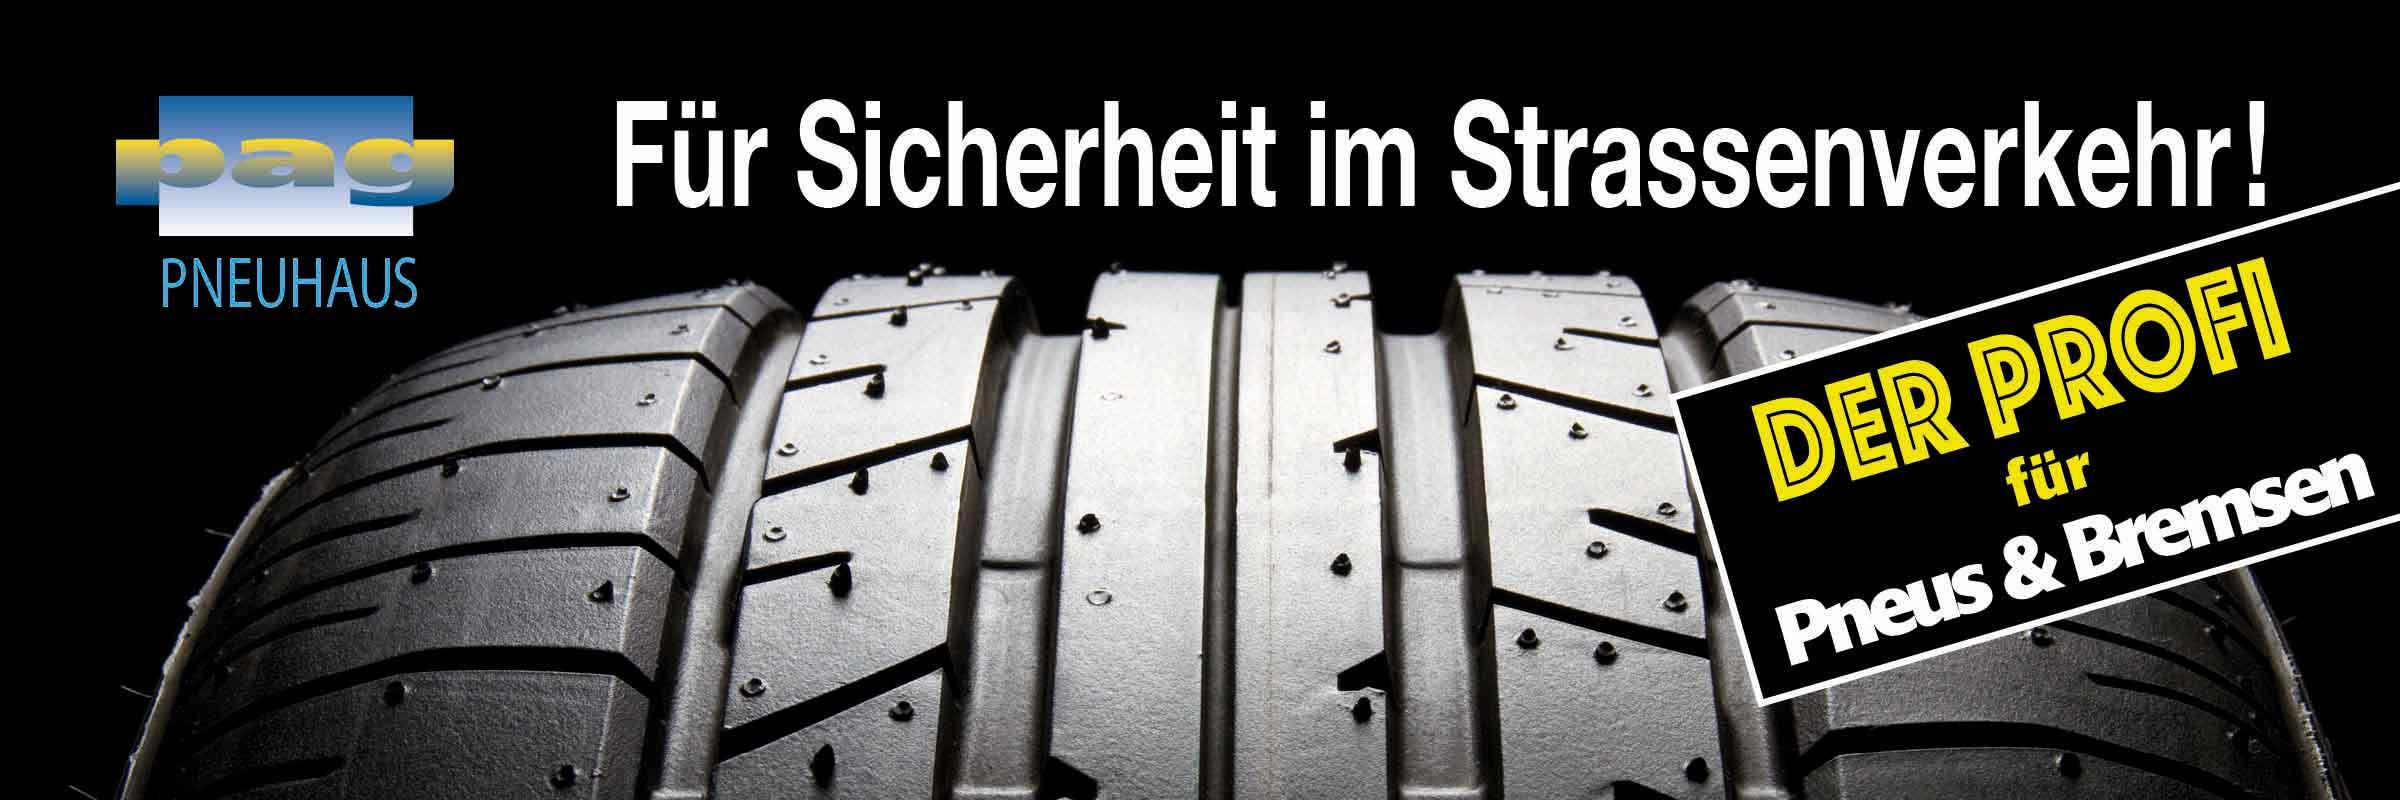 Pneuhaus, Winterreifen, Sommerreifen, Felgen, Bremsenservice, Oberaargau, Bützberg, Langenthal, Reifen, Pneu, Garage, Reifenreparaturen